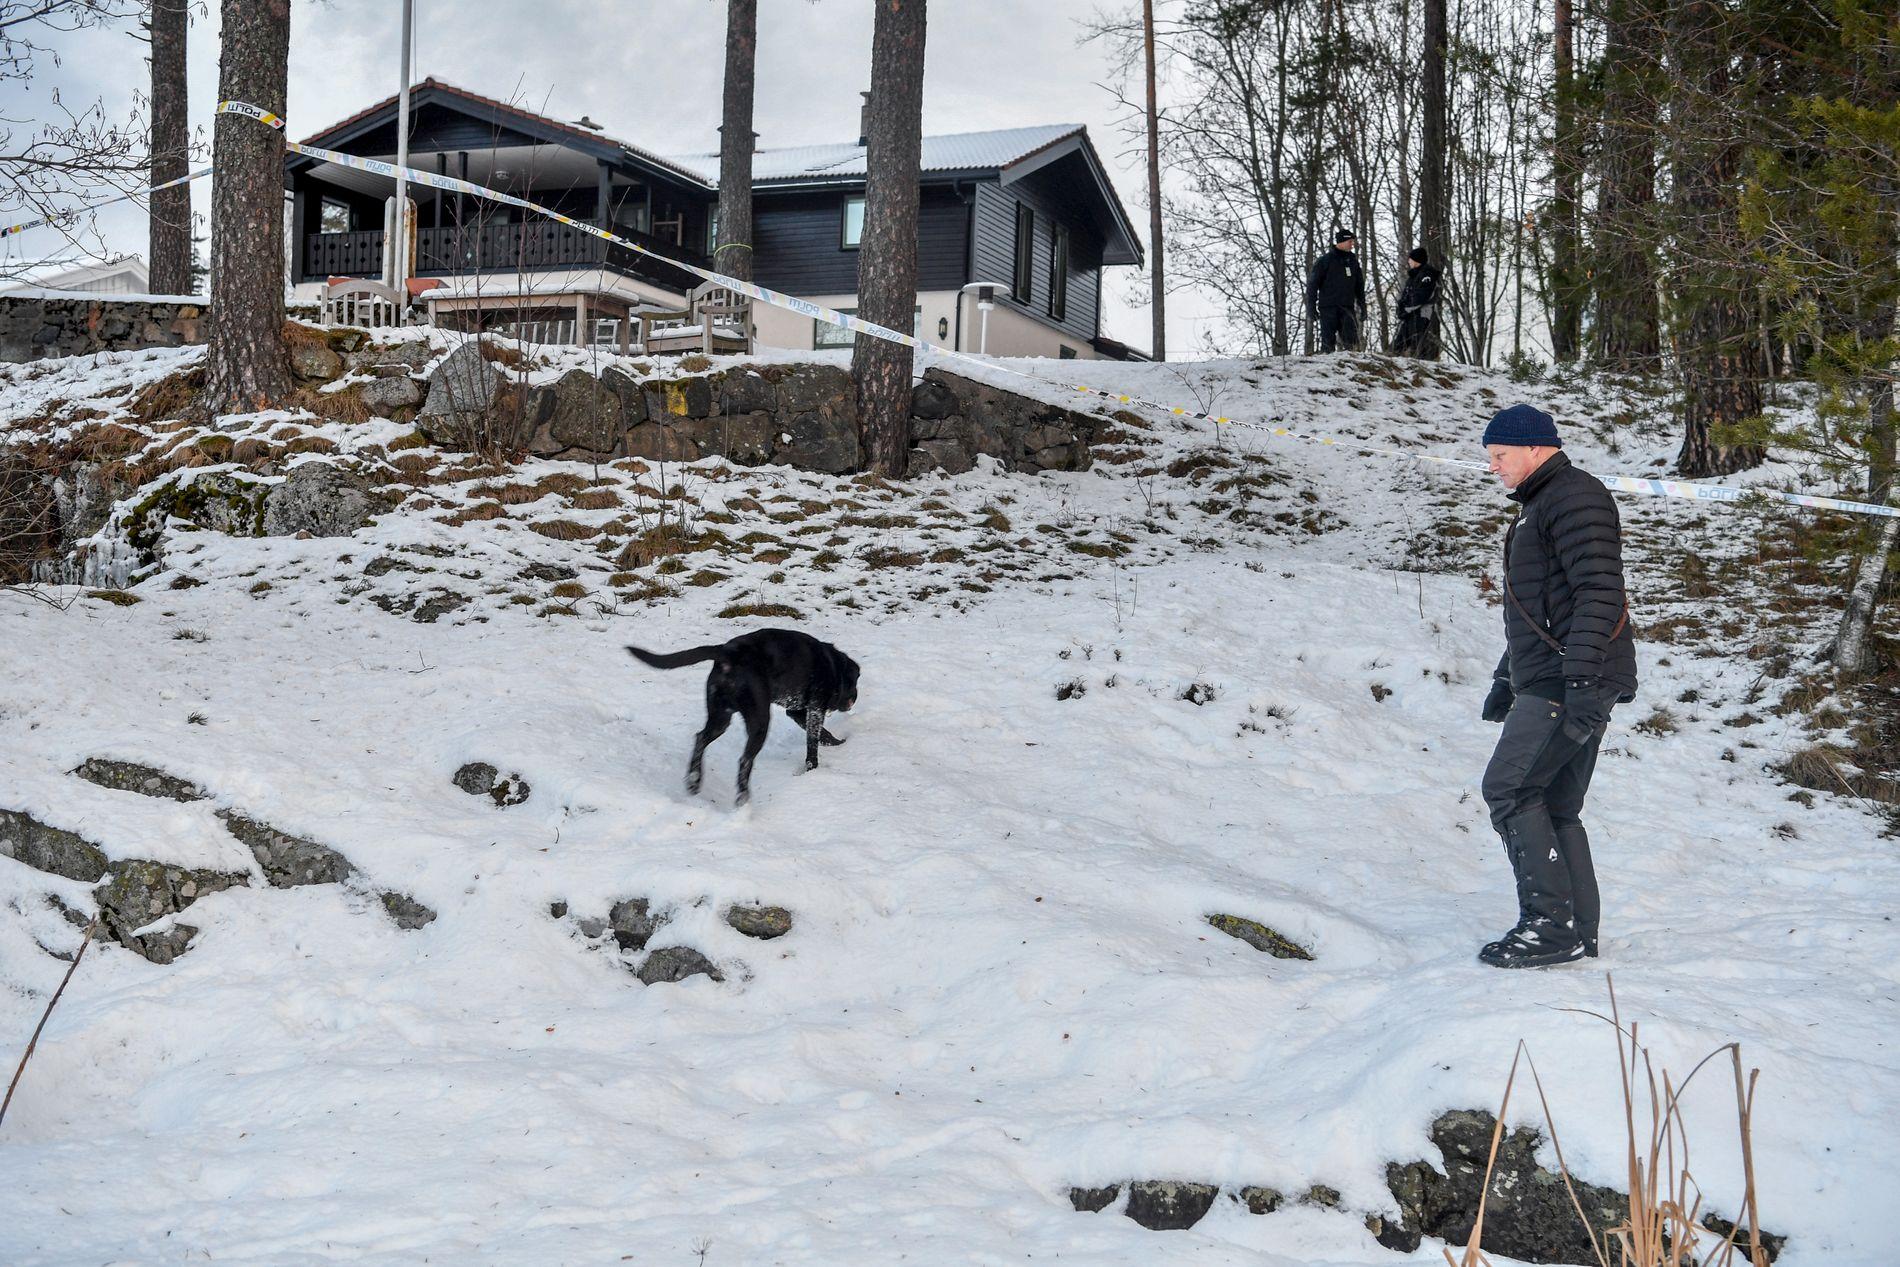 UNDERSØKELSER: Torsdag morgen søkte politiet med hunder i området utenfor boligen til ekteparet Hagen på Fjellhamar.